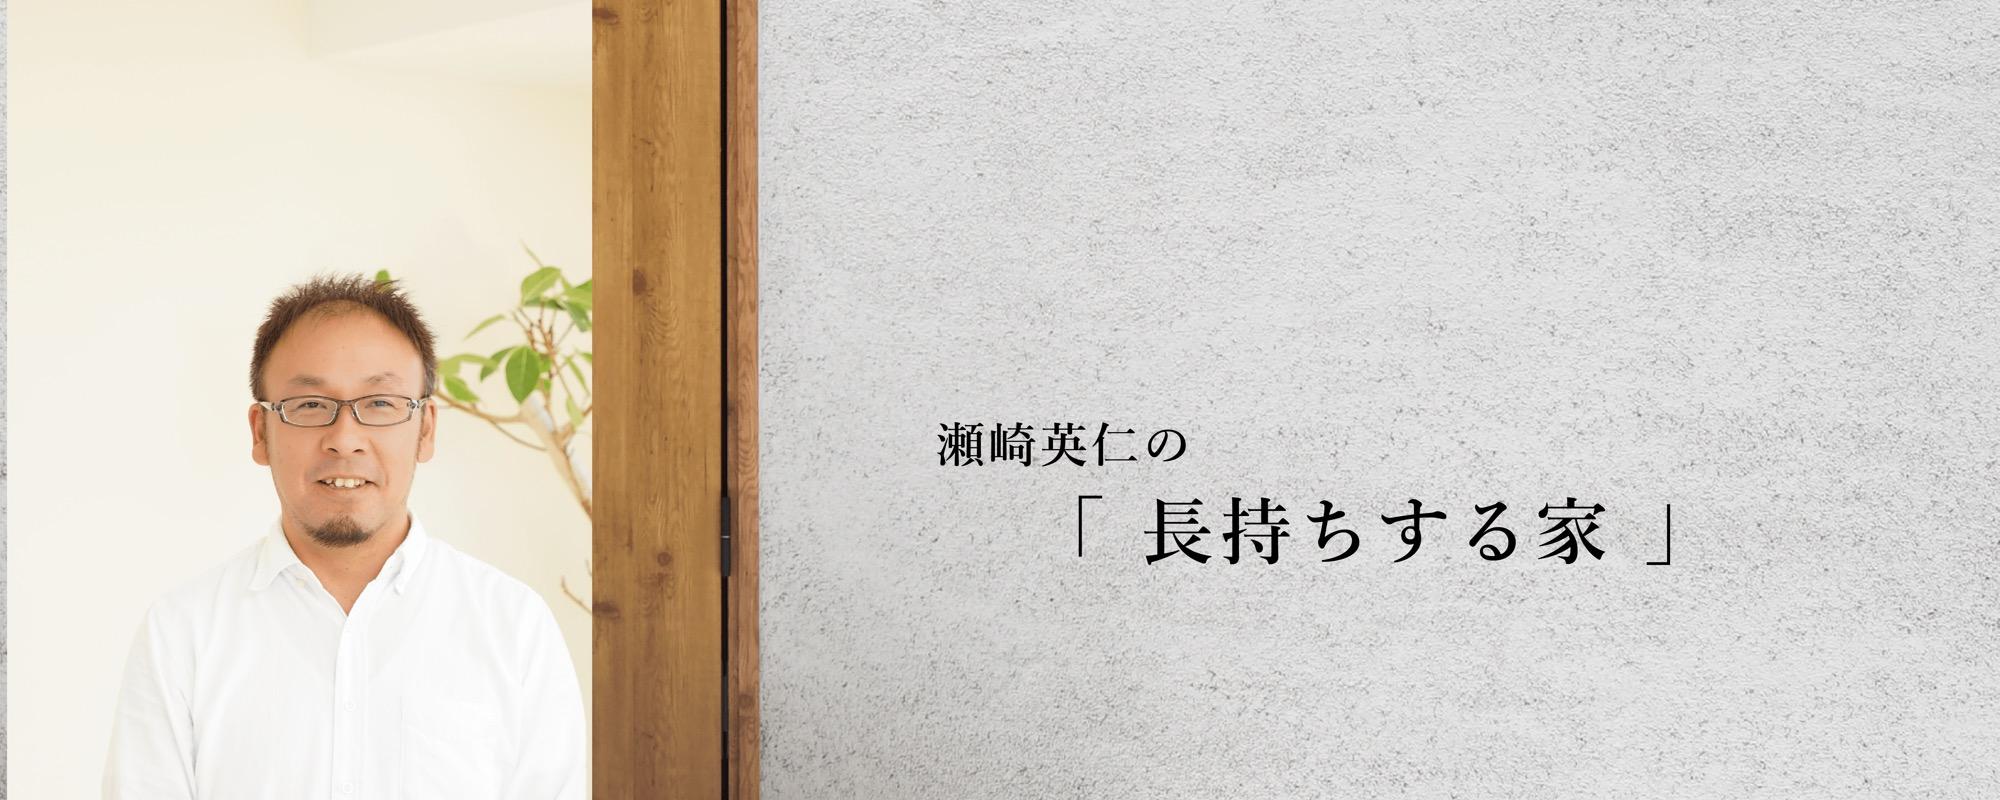 姫路の工務店「クオホーム」 瀬崎英仁の長持ちするブログ